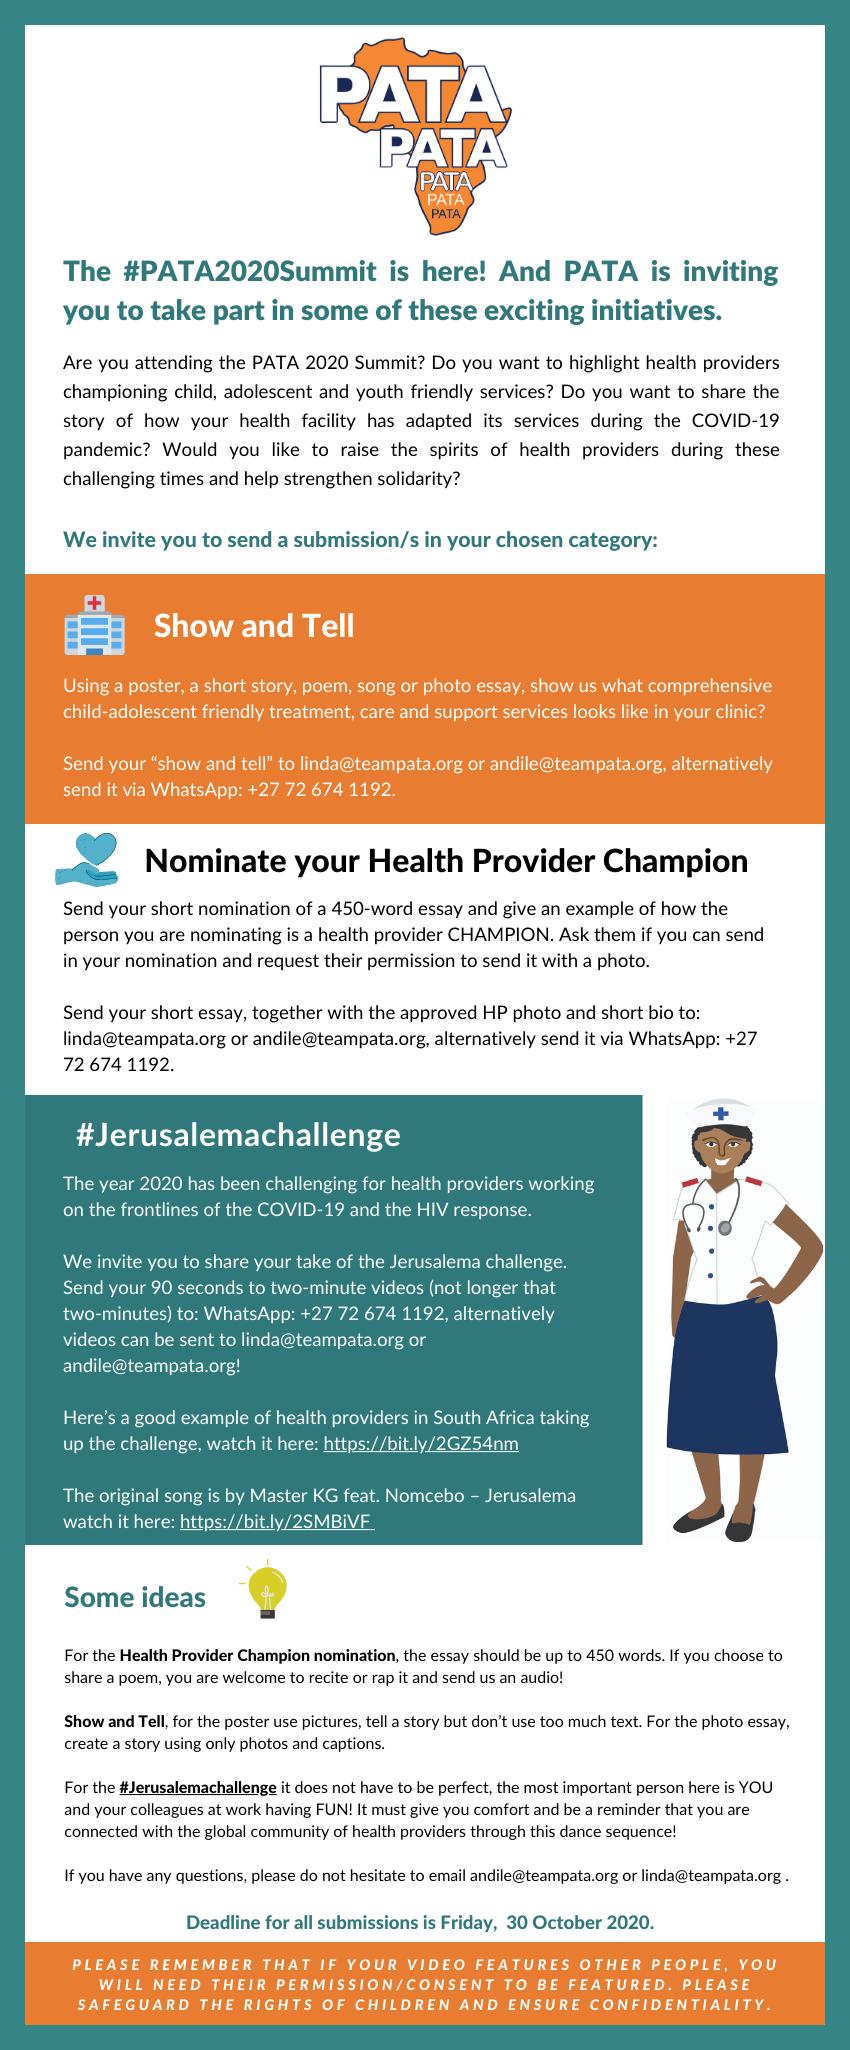 PATA 2020 Summit: Nominate a Health Provider Champion